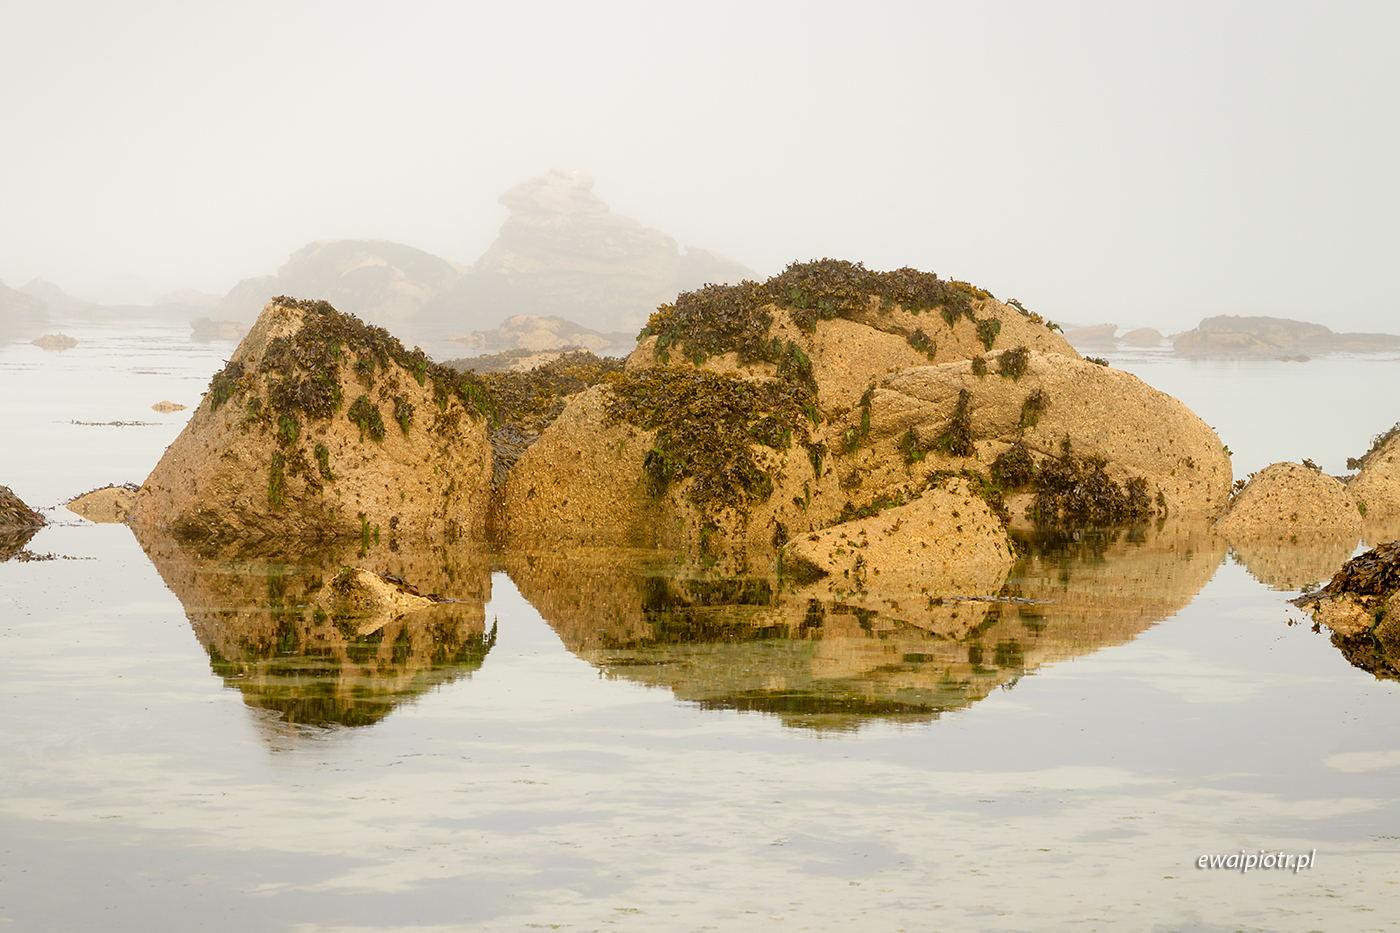 Znikające wyspy, Bretania, przypływ, wyprawa foto